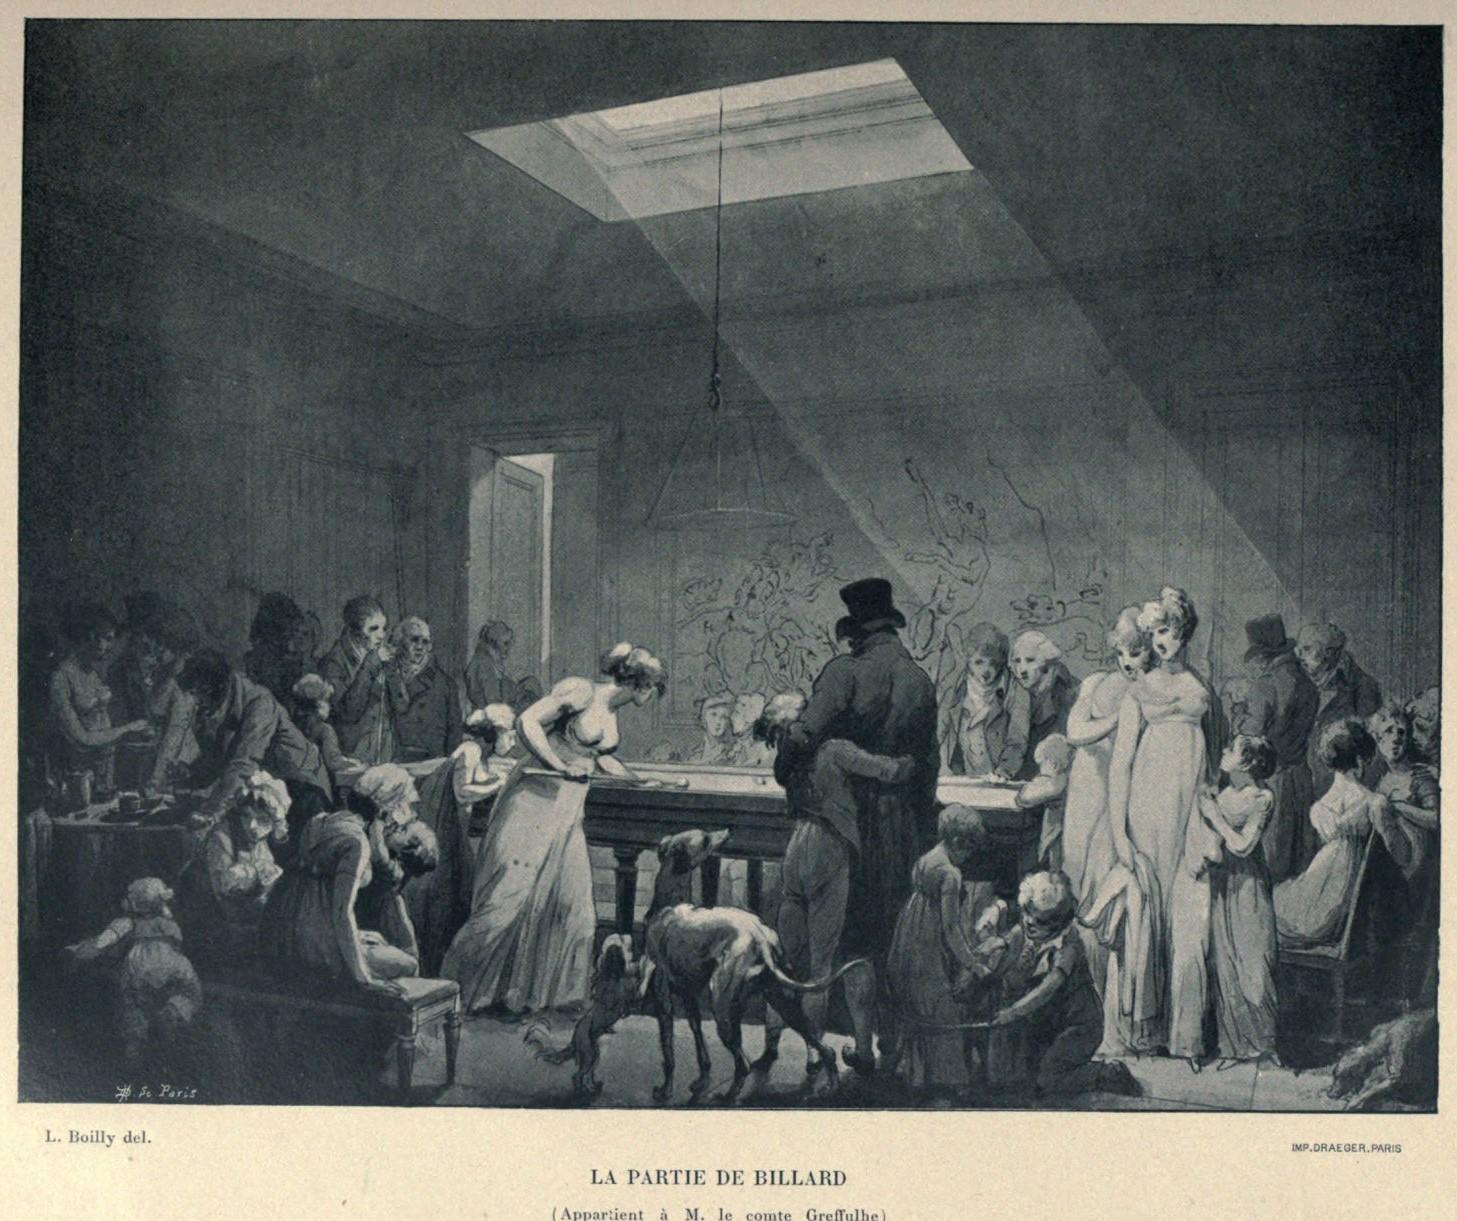 Boilly 1808 La partie de billard dessin preparatoire